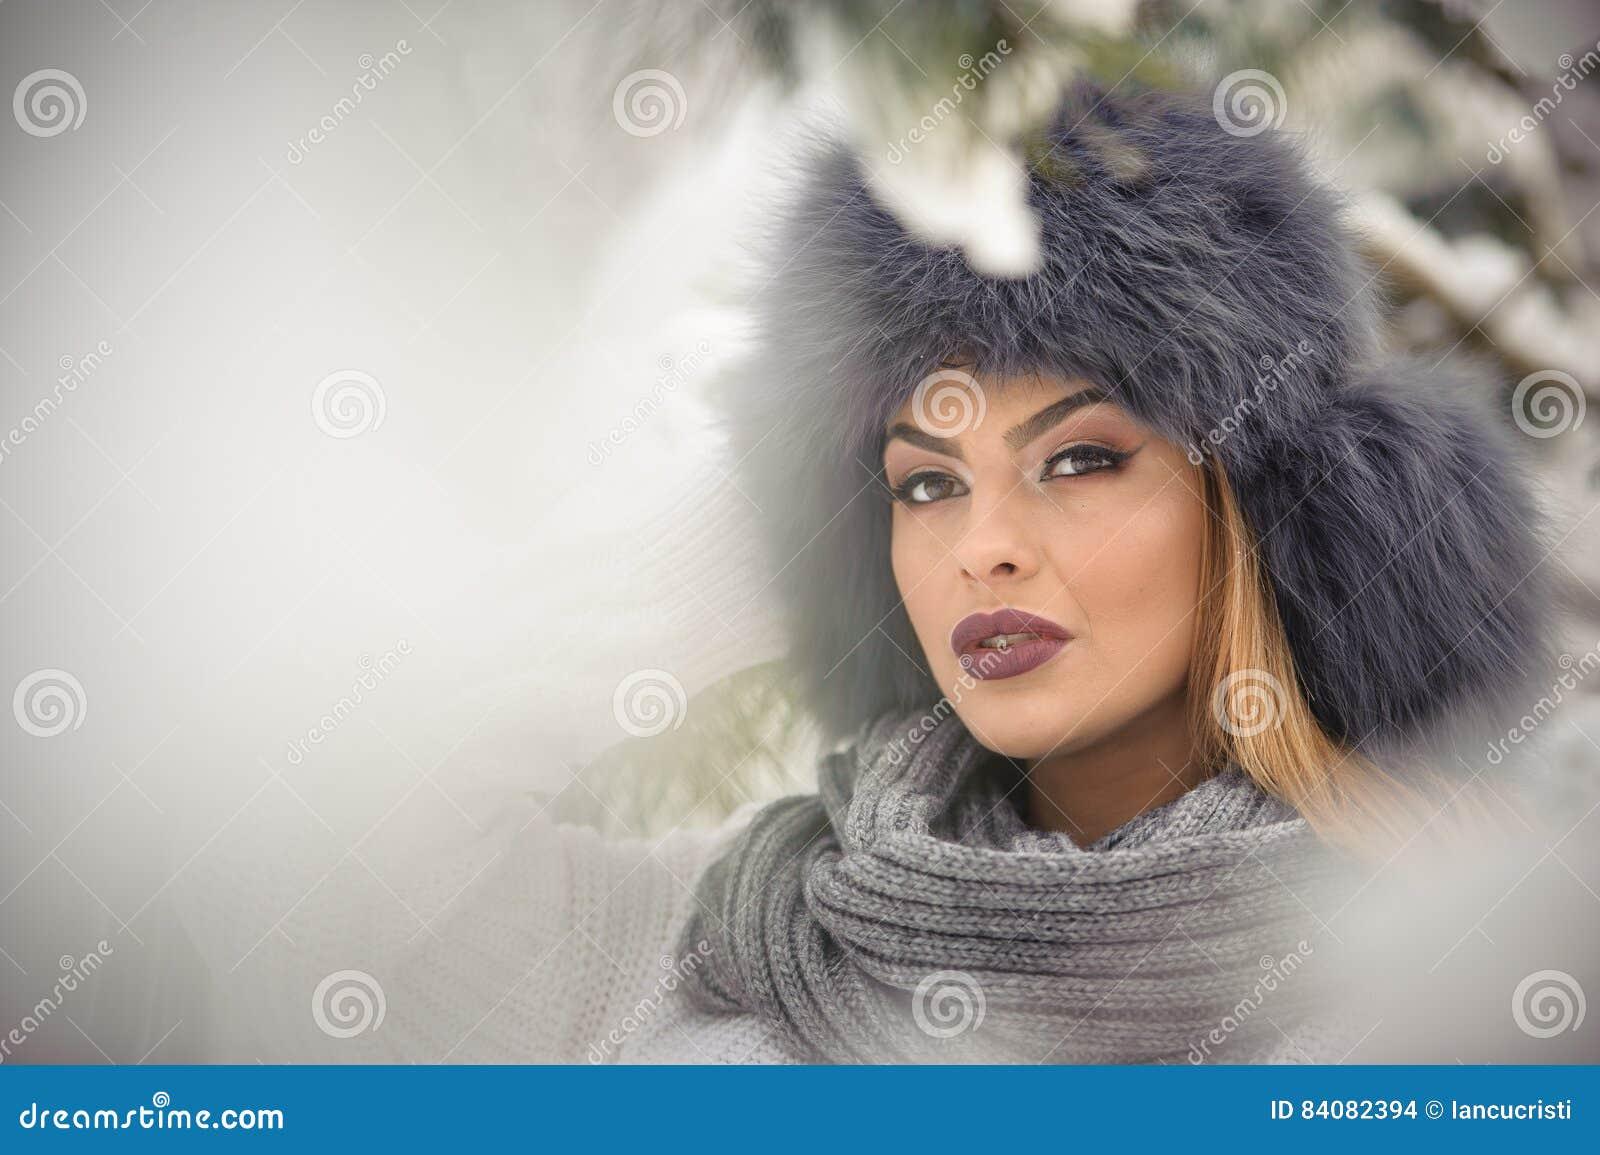 Attraktive Frau mit schwarzer Pelzmütze und grauem Schal den Winter genießend Frontansicht des modernen Brunettemädchens mit Make